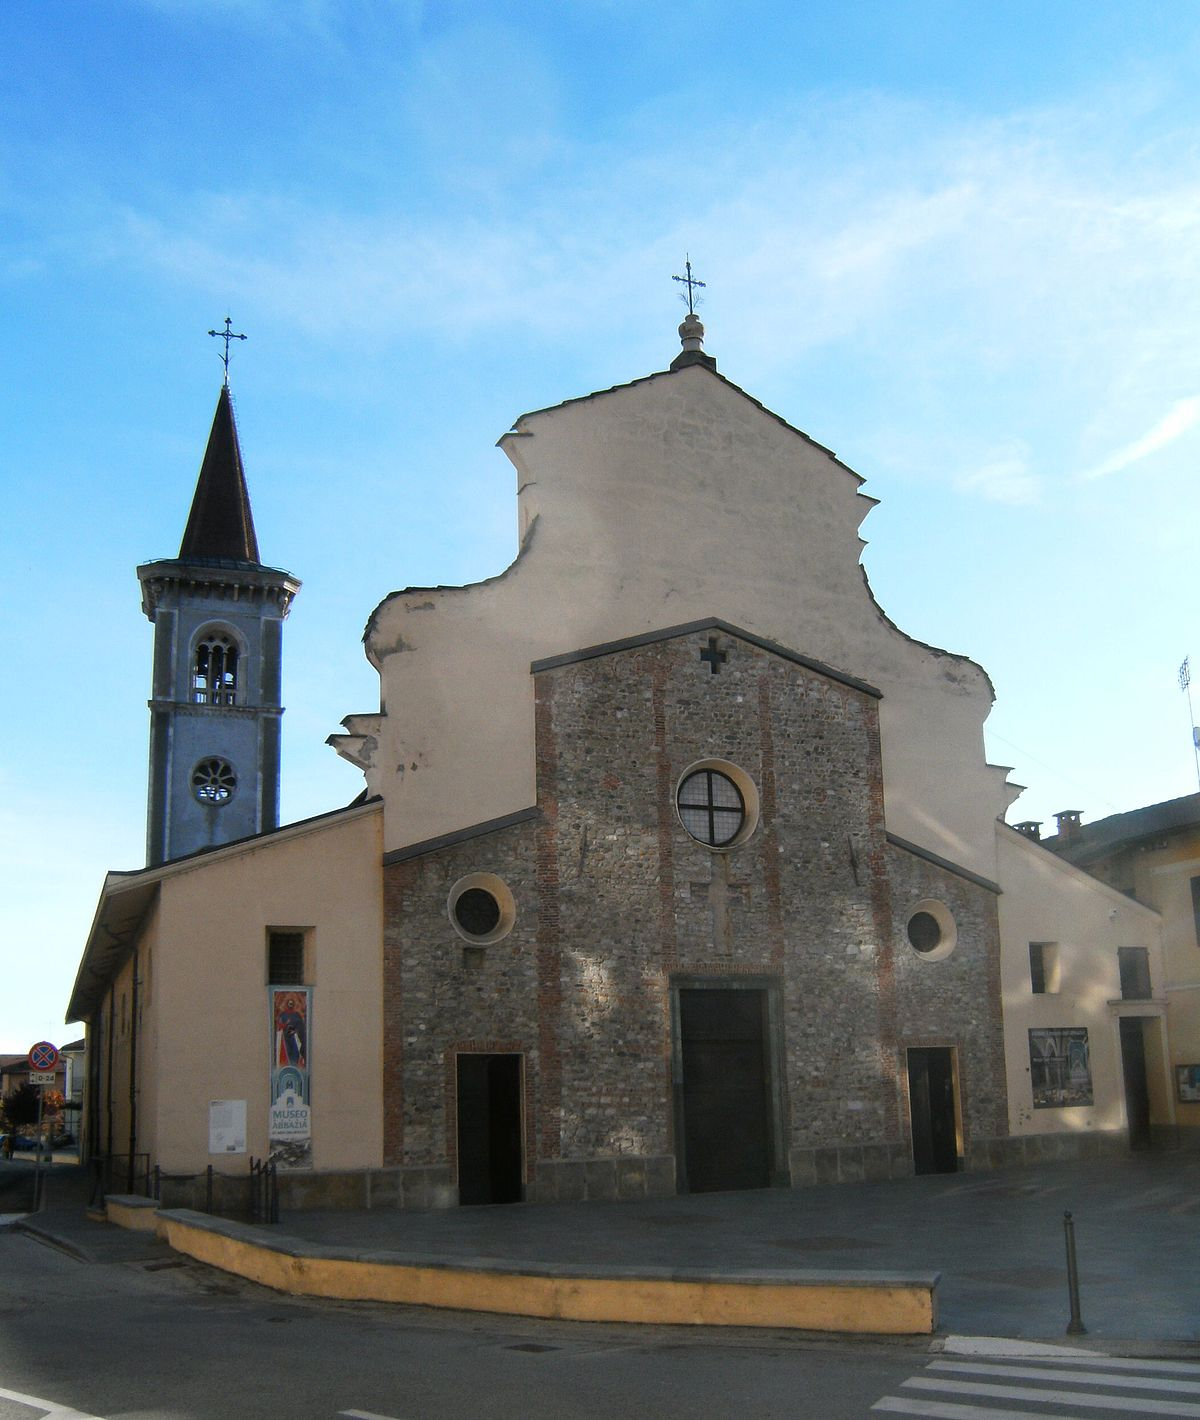 Abbaye san dalmazzo da pedona wikip dia for Materassi borgo san dalmazzo